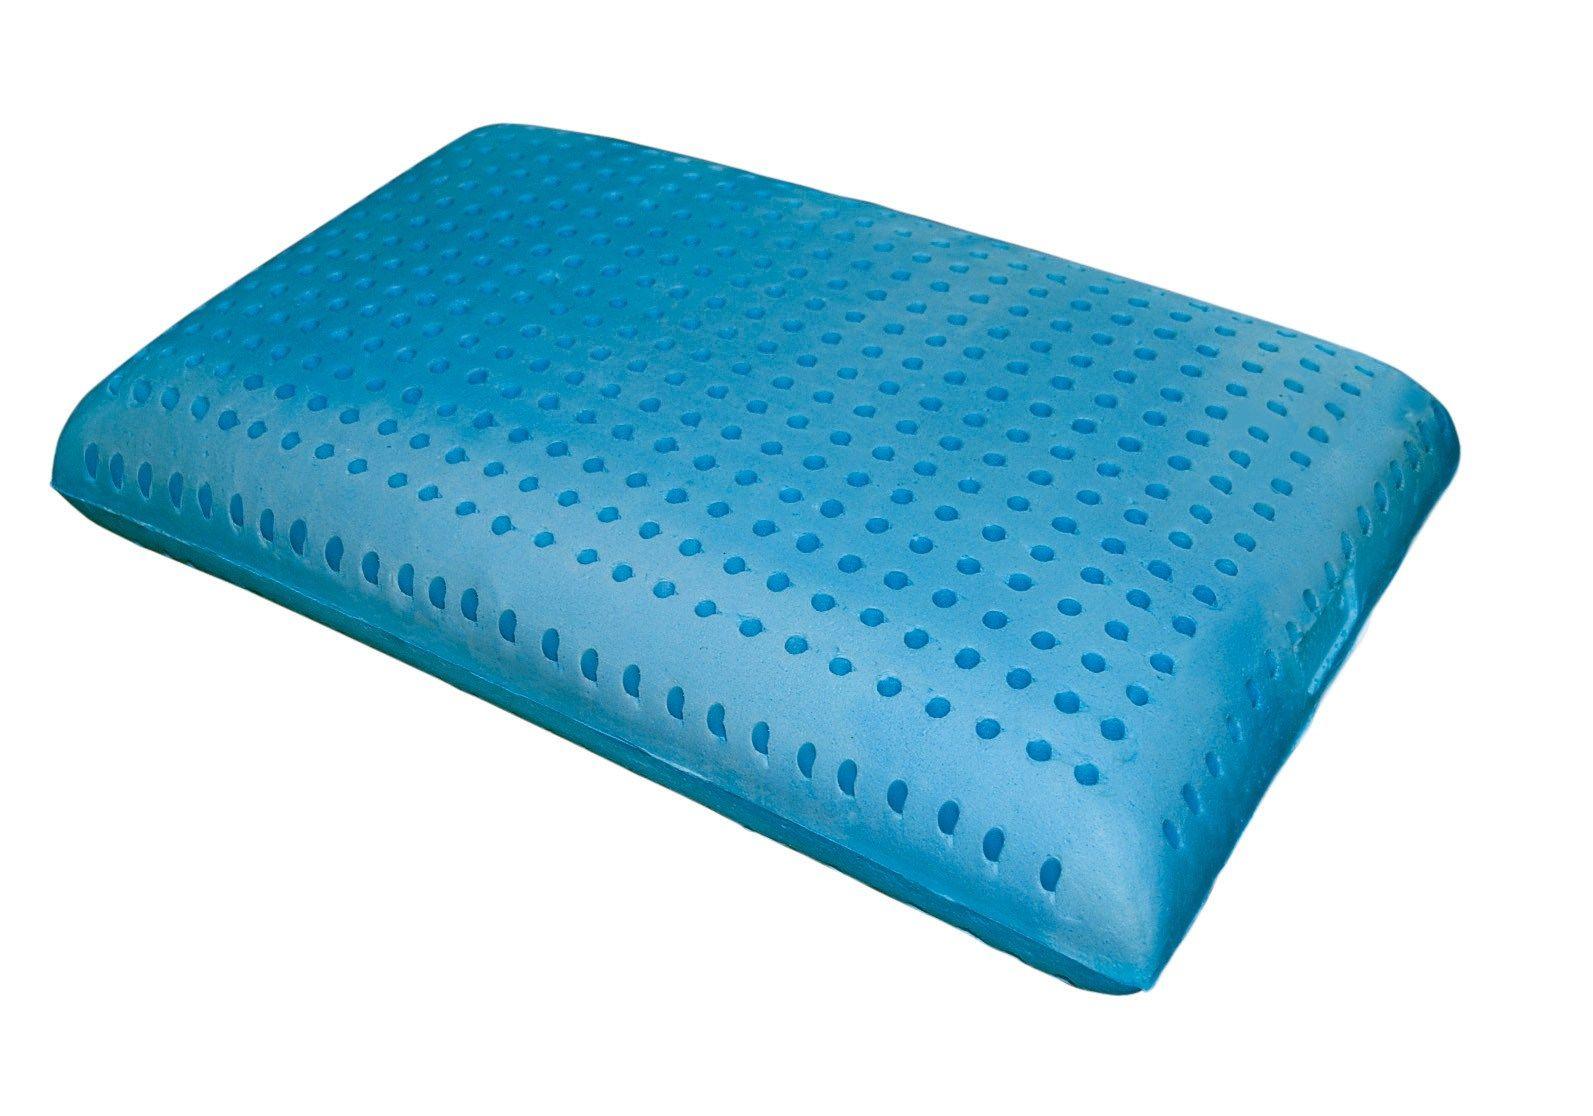 Cuscini Memory Fabricatore.Cuscini E Materassi Ad Alto Contenuto Tecnologico